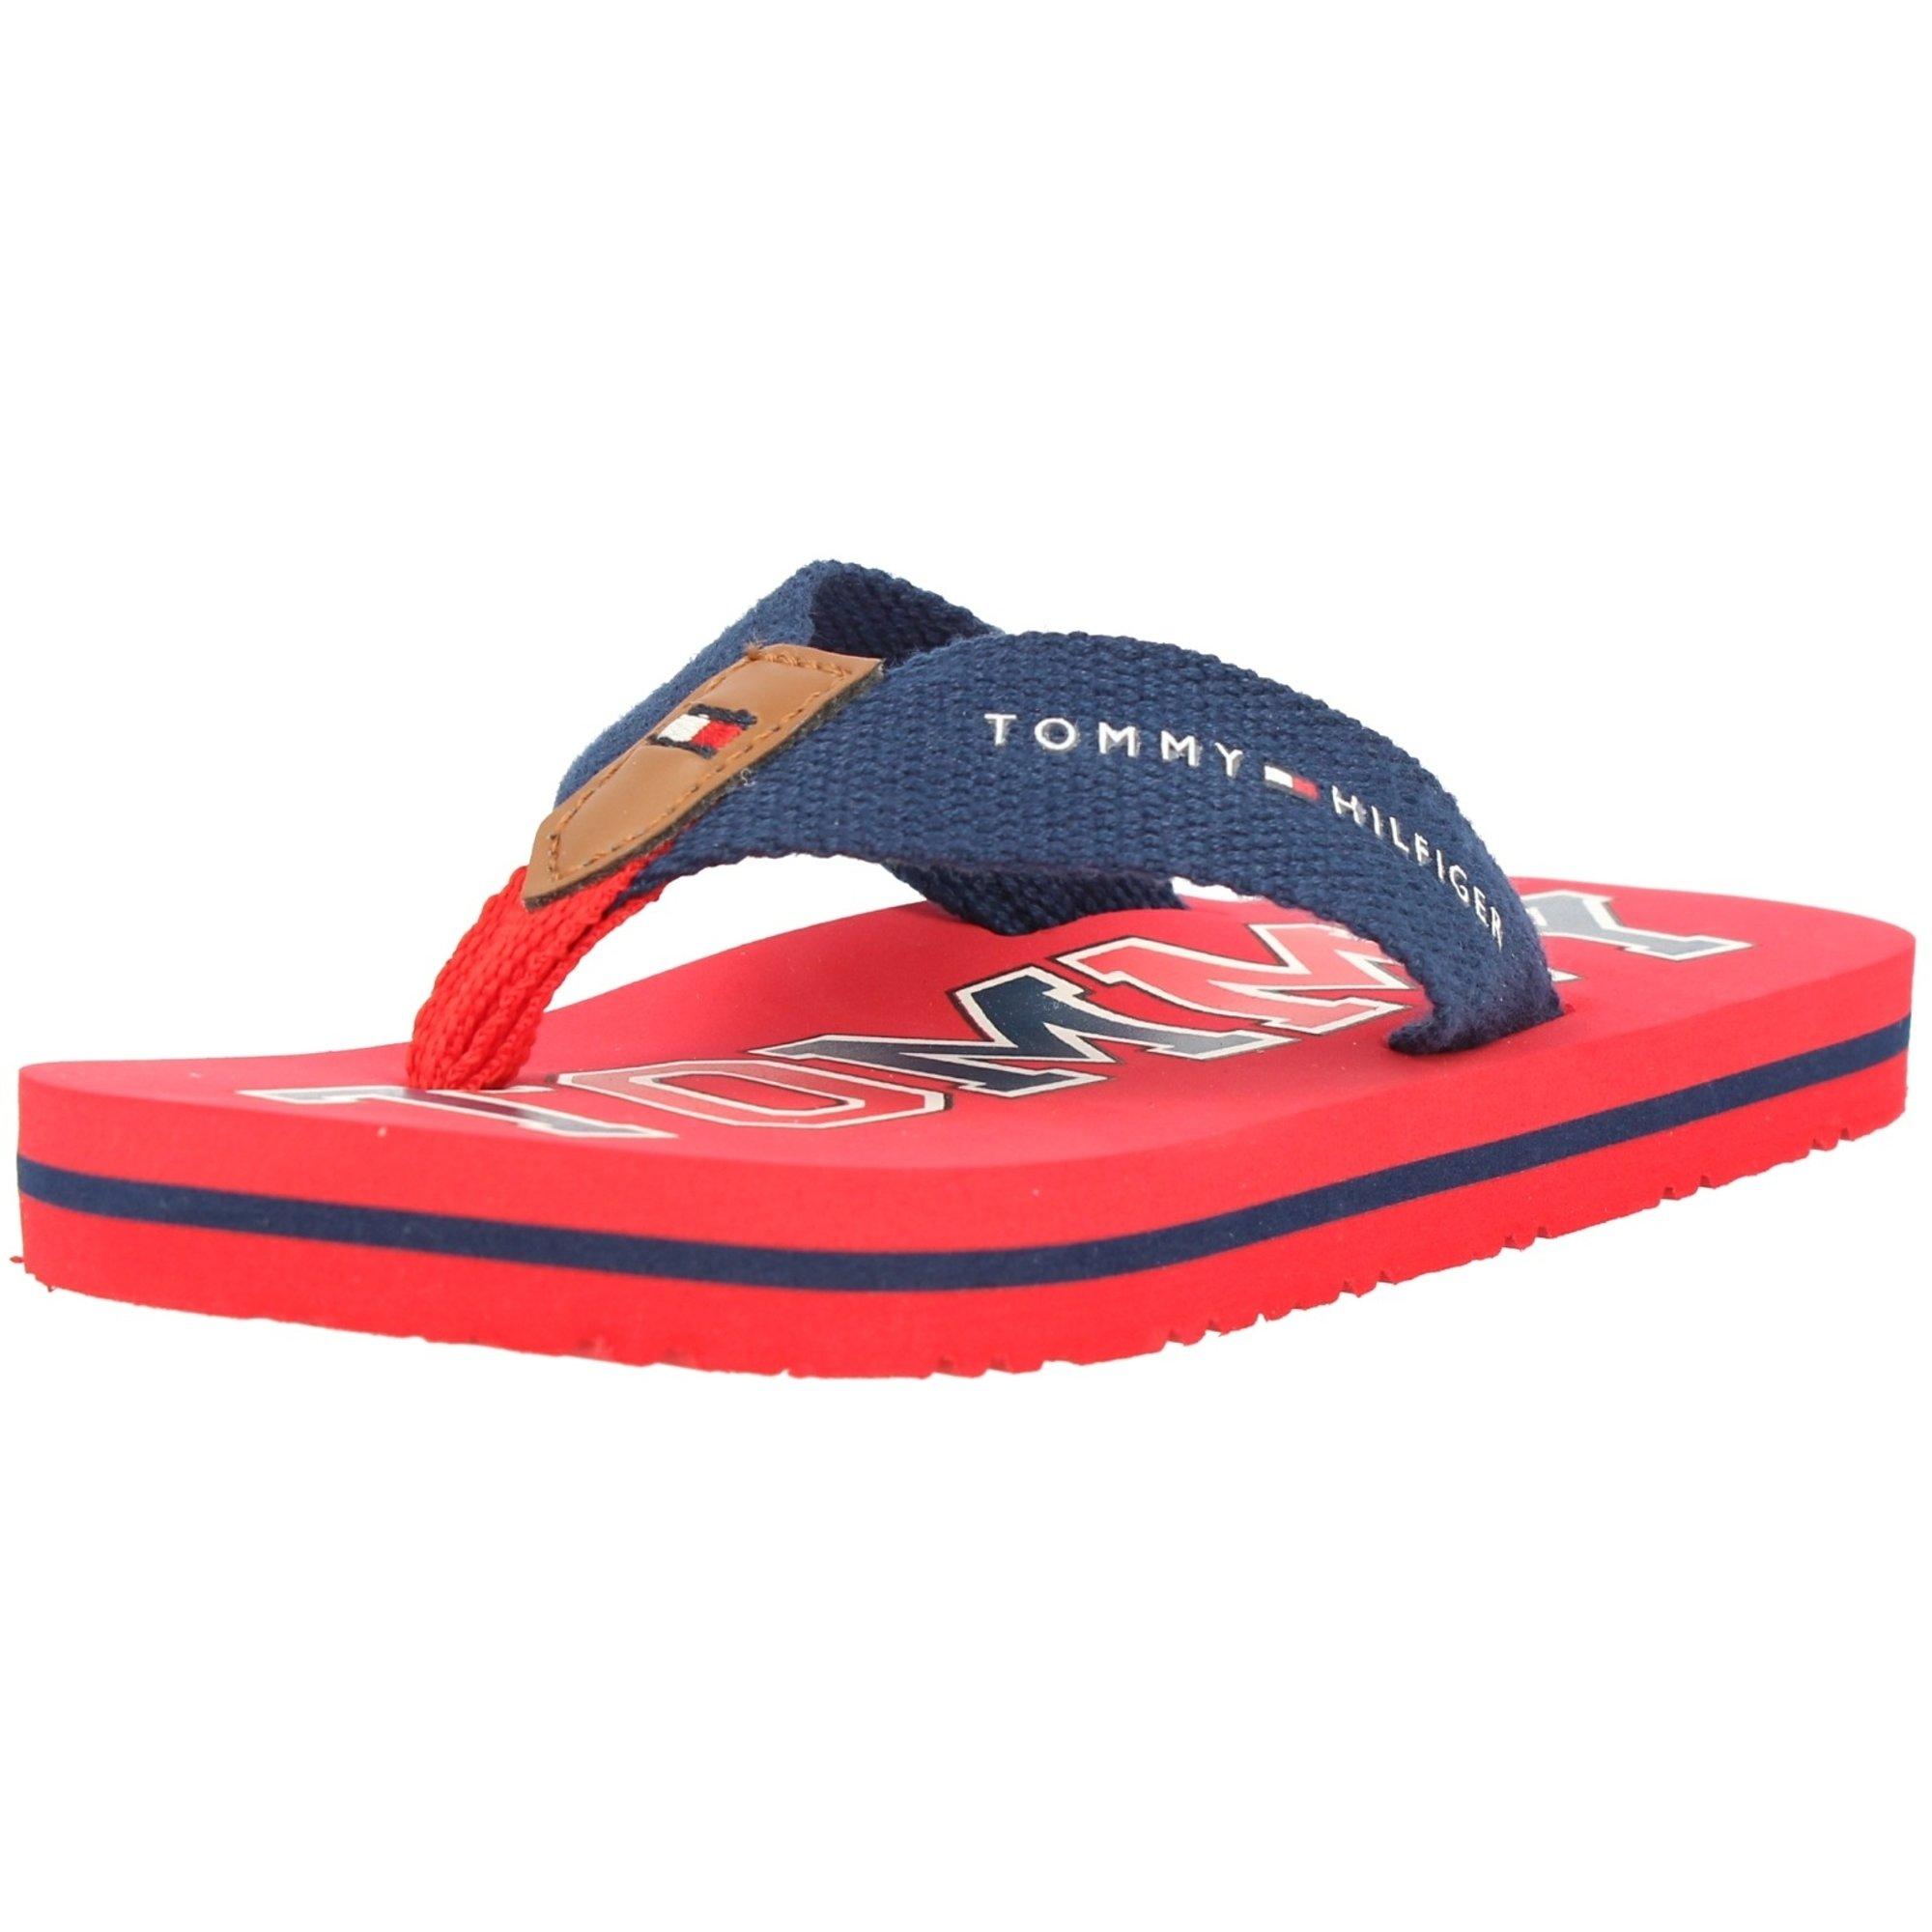 Tommy Hilfiger Flip Flop Red/Blue Textile